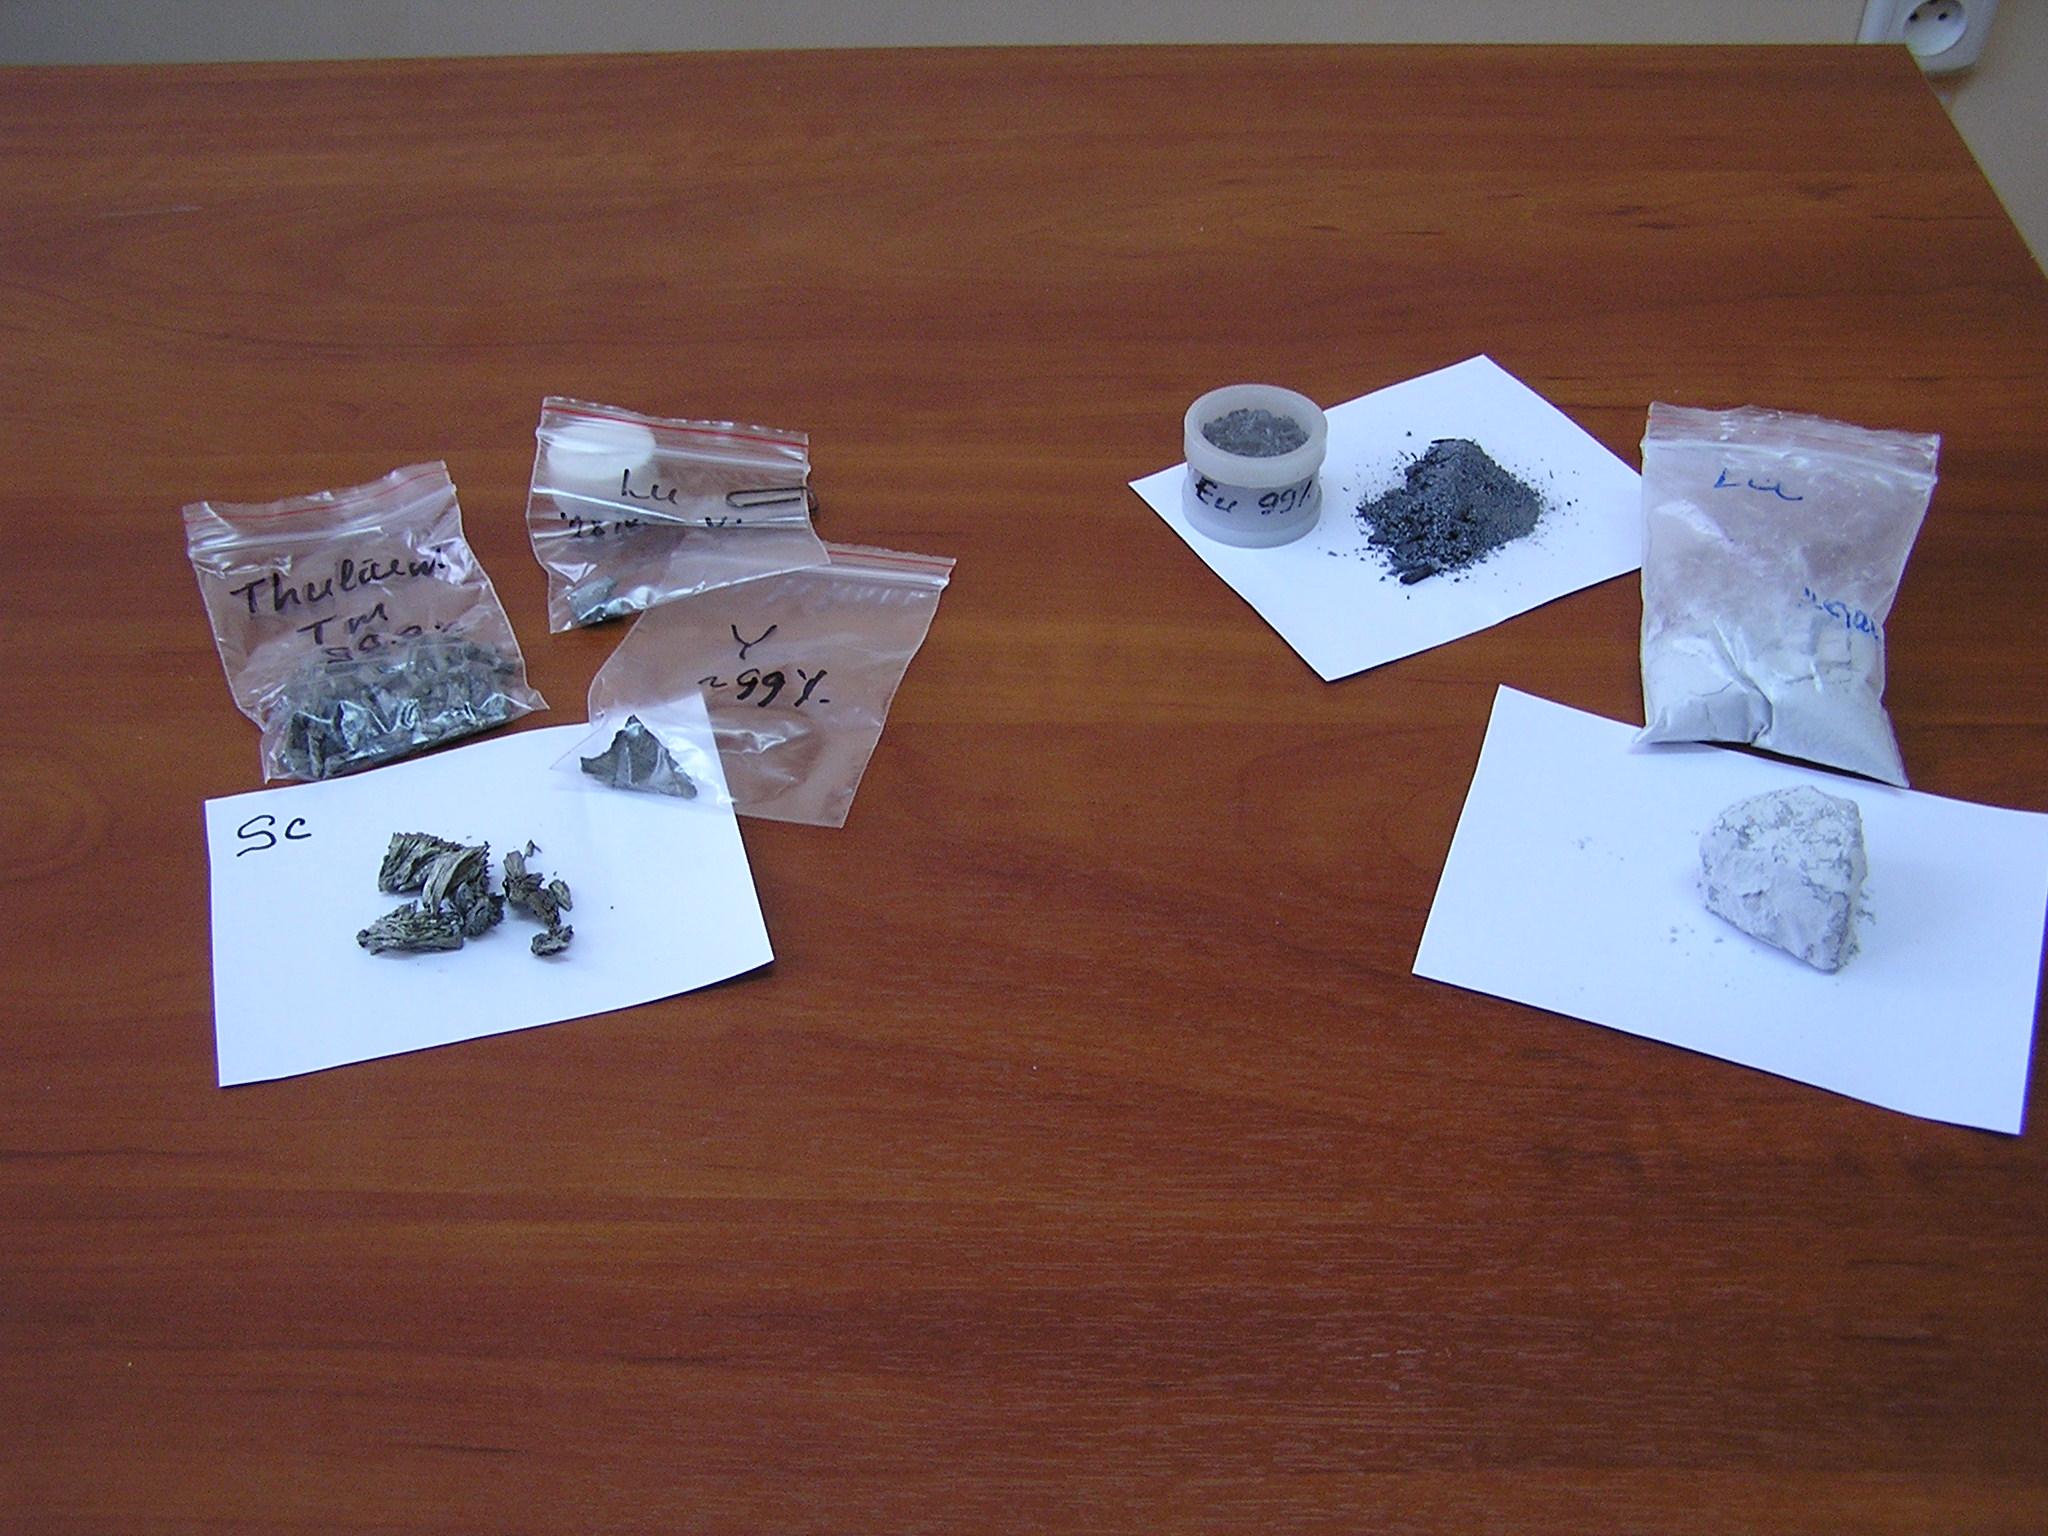 Скандий, иттрий, тулий, лютеций, европий  и лантан (справа снизу, металл сильно пострадал от коррозии; сами продукты коррозии - в пакетике чуть выше)